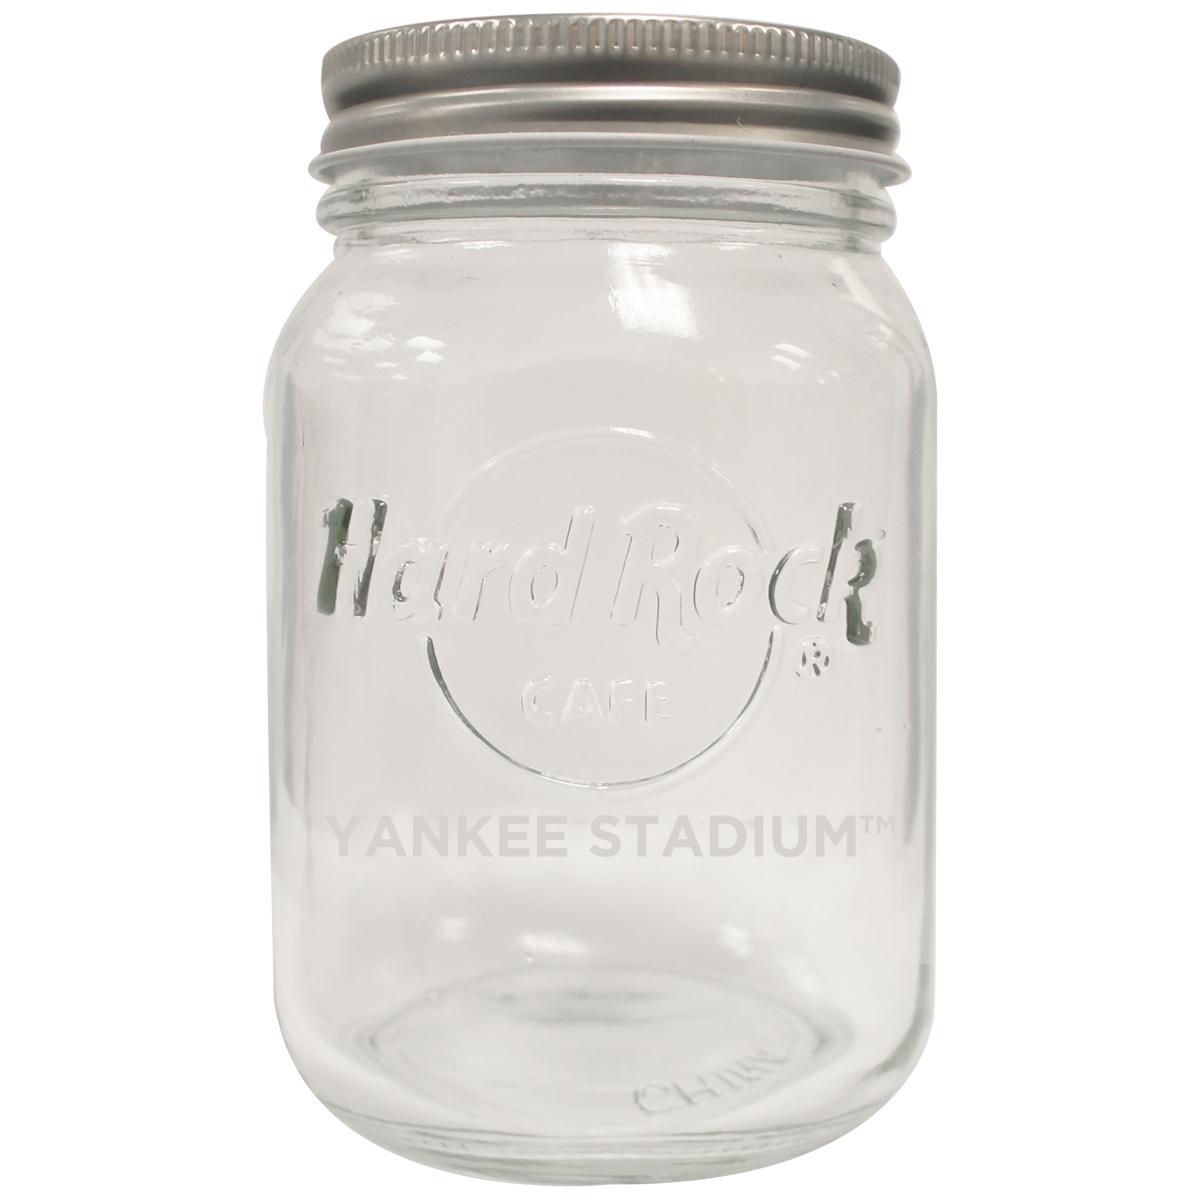 16oz Mason Jar Yankee Stadium 0